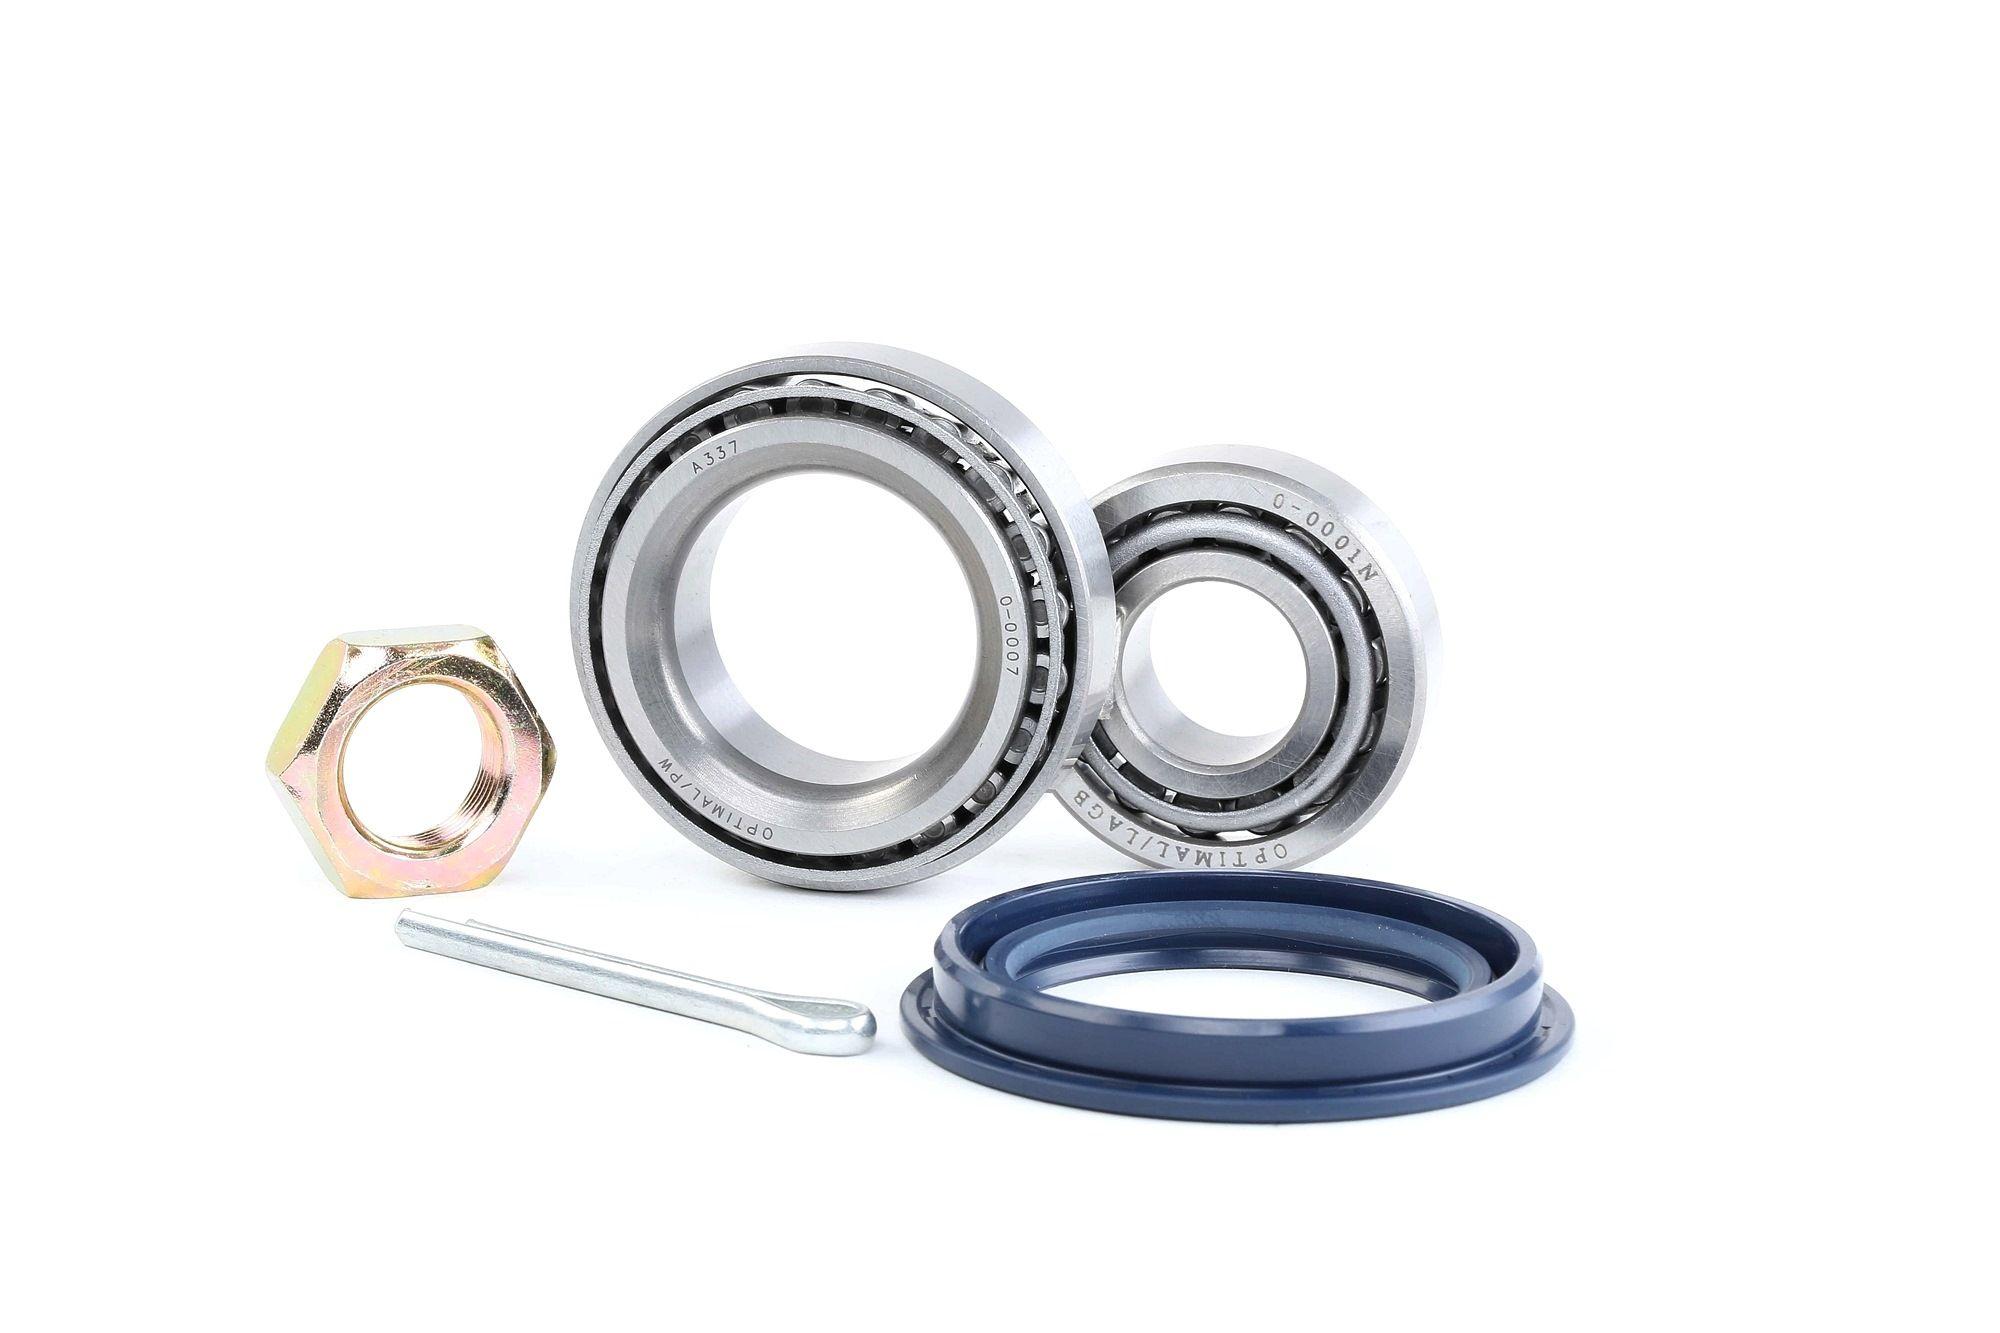 Radlager & Radlagersatz OPTIMAL 617001025 Bewertung